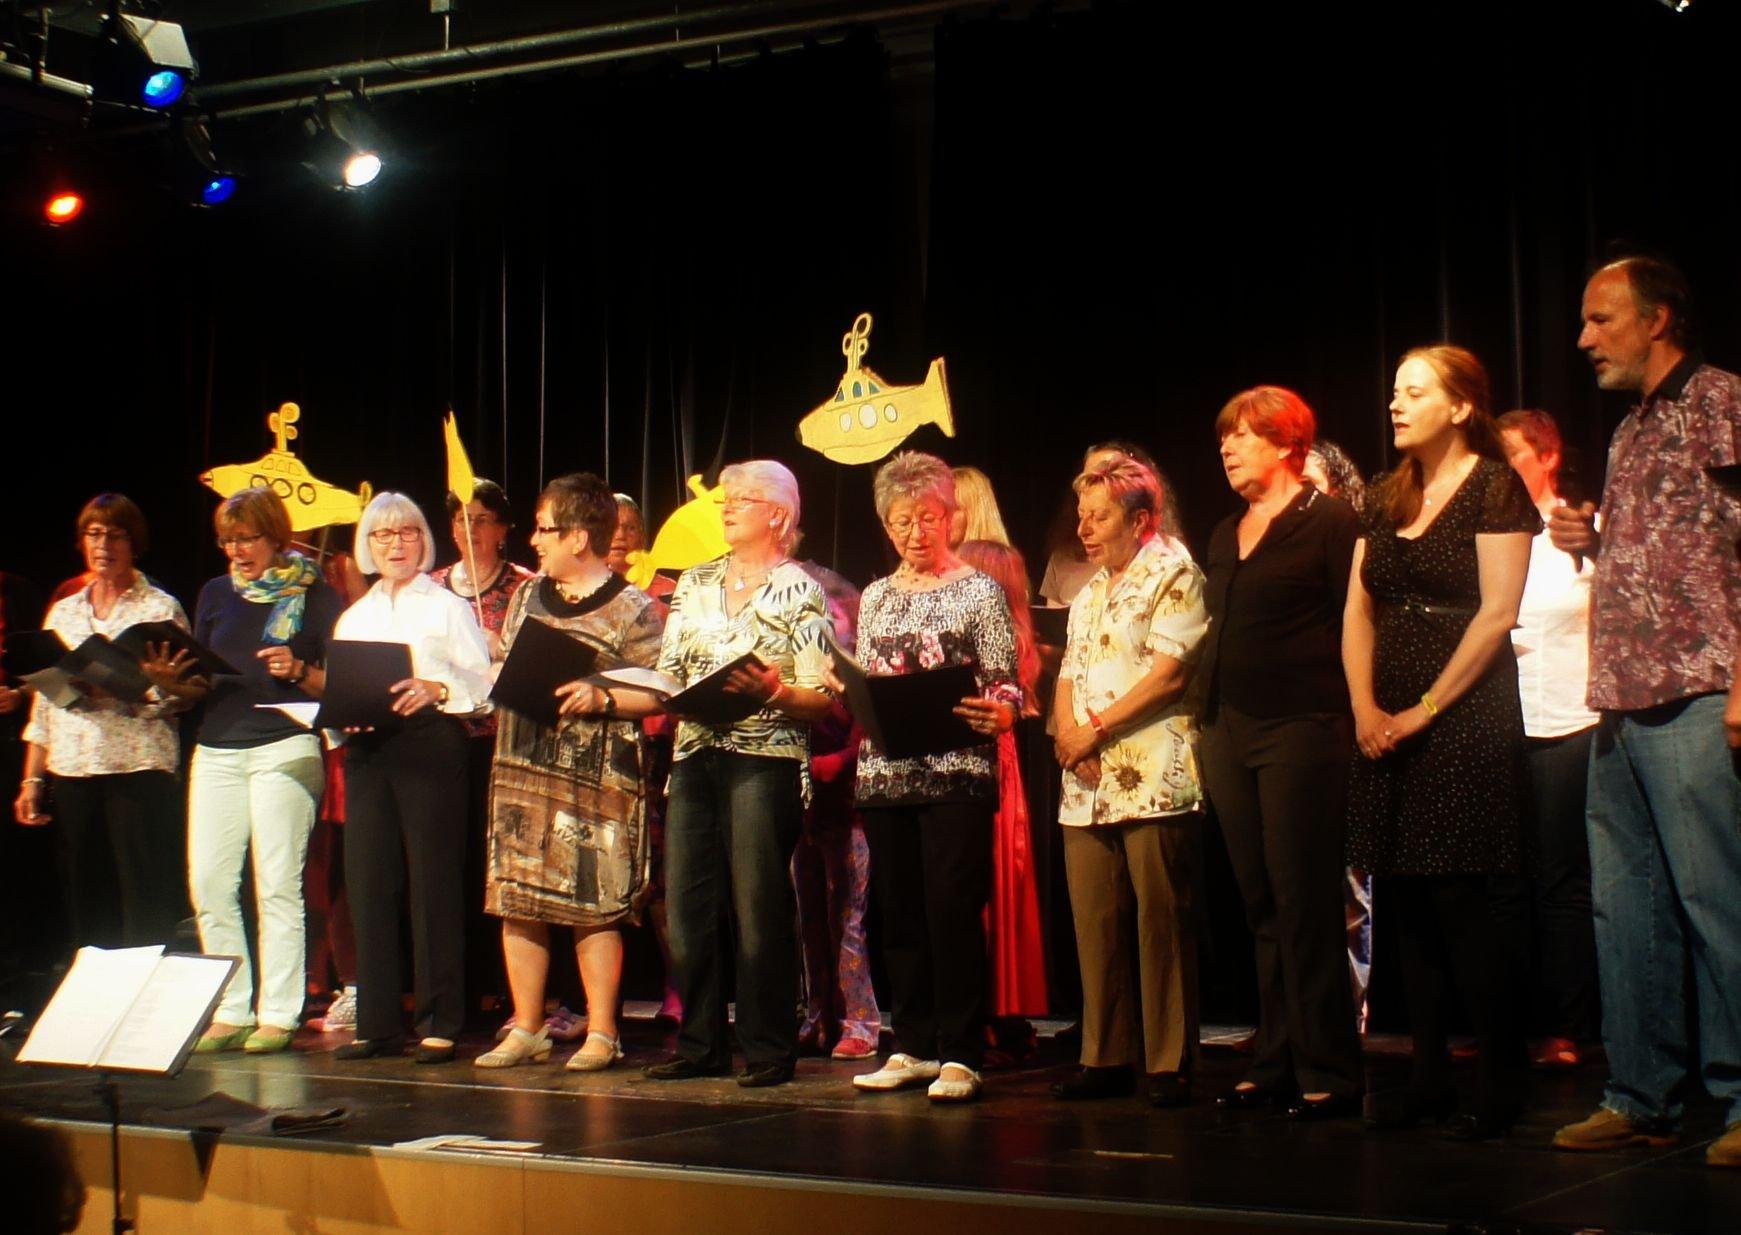 Gesangsgruppe - Gemeinsam singen - © Stadt Nürnberg / Foto Marina Boyuer